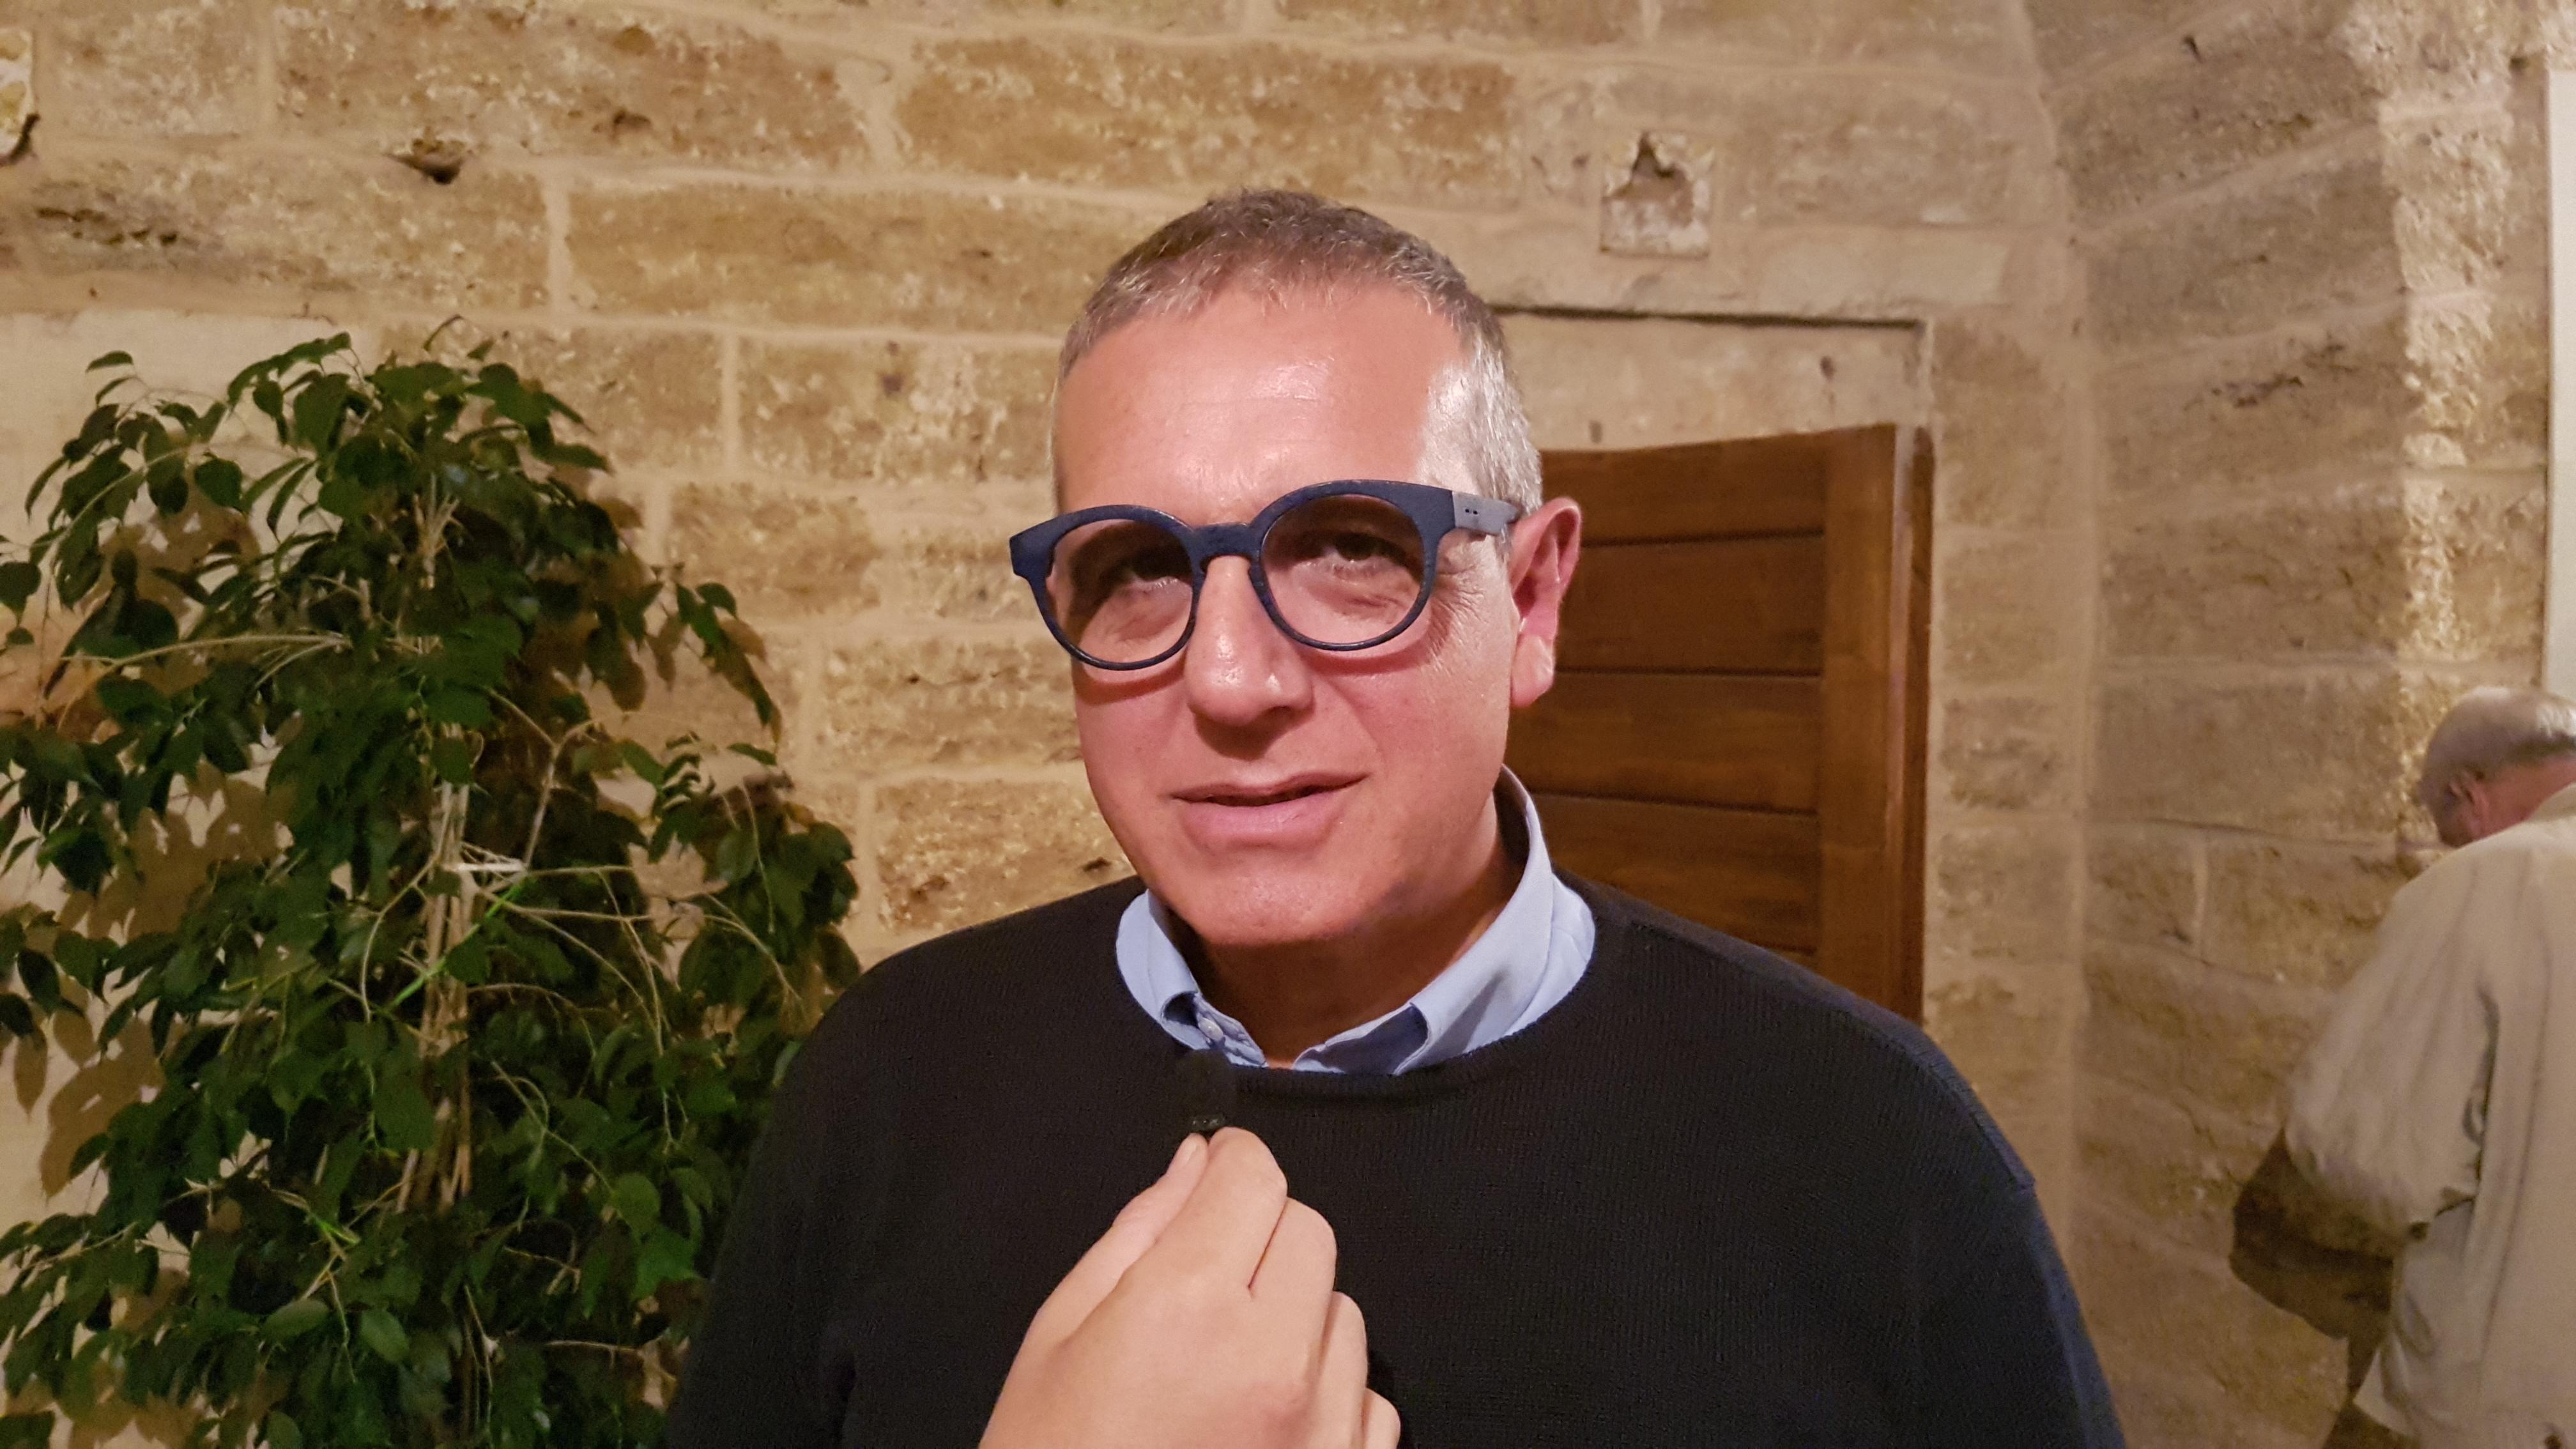 Mesagne più inquinata dei Tamburi di Taranto? Solo una provocazione